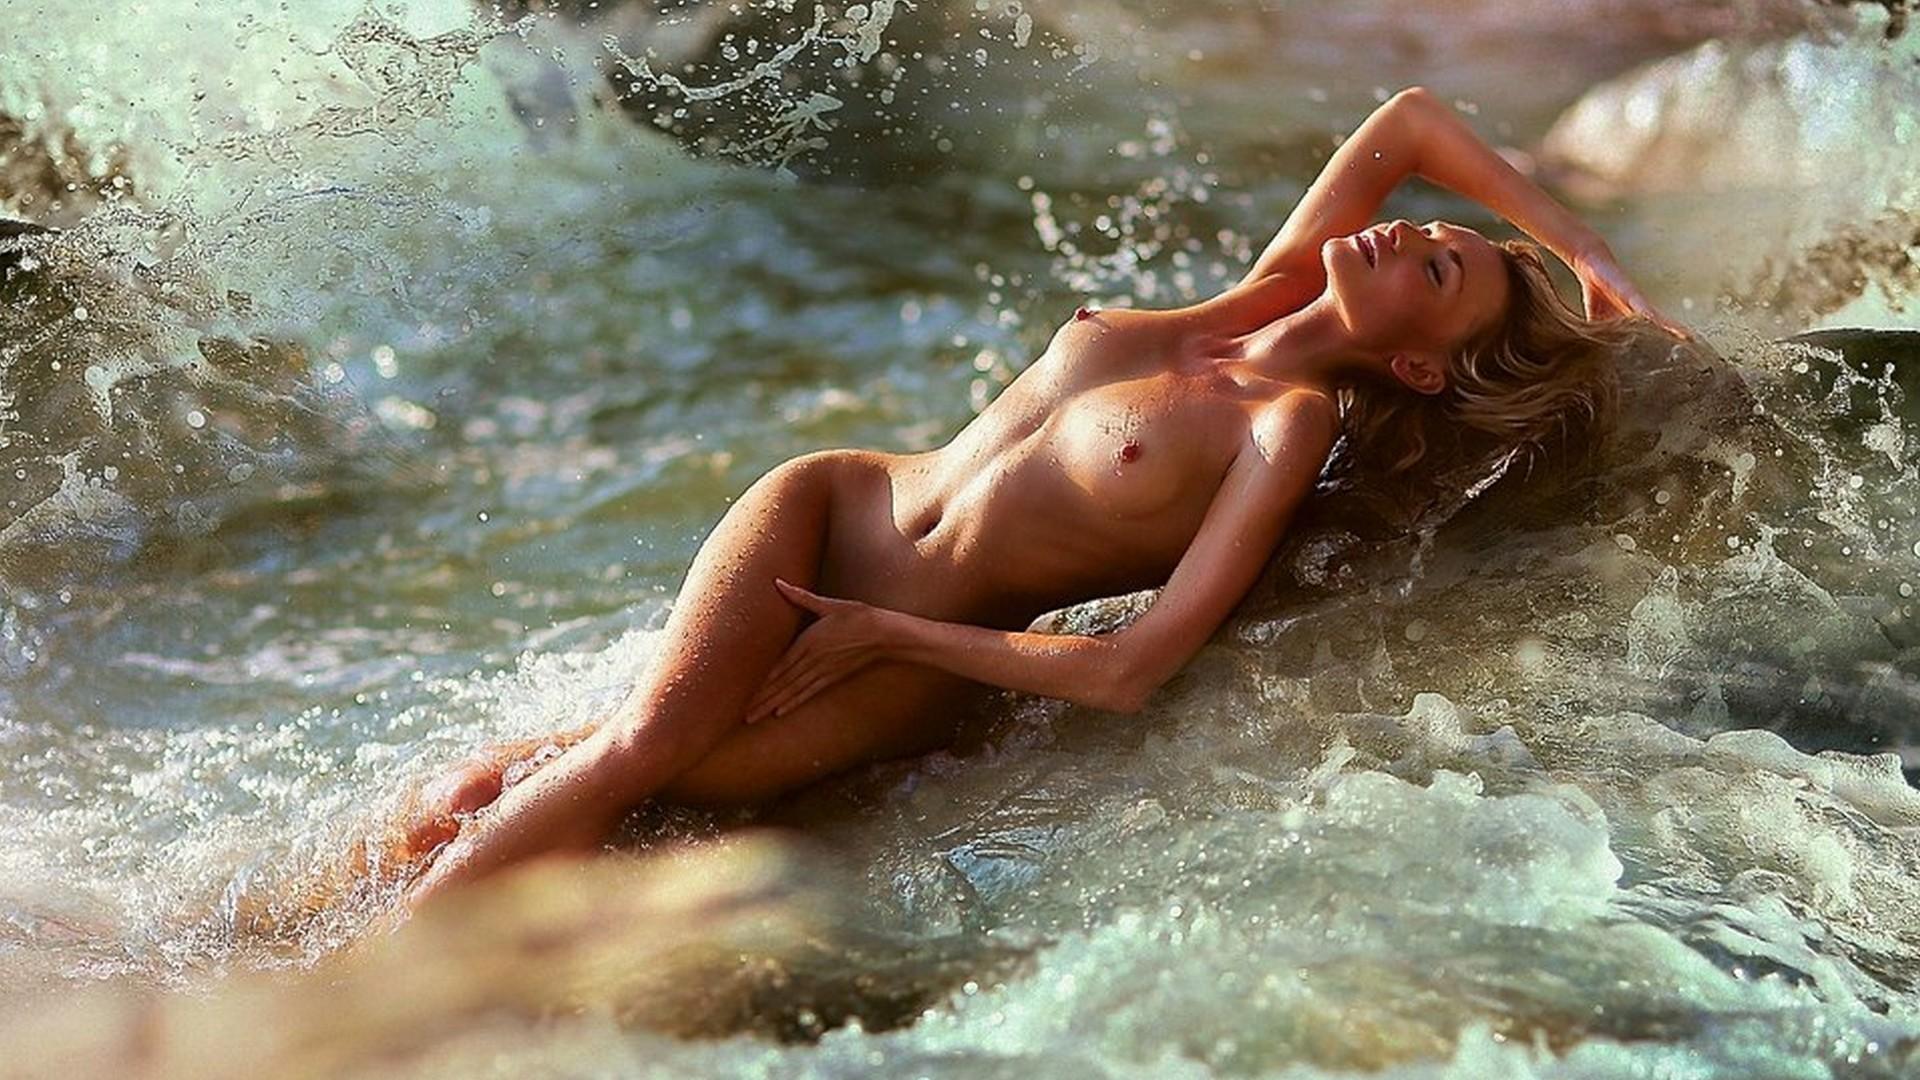 Фотосессия голеньких девочек, Фото голых девушек - эротика бесплатно, порно фото 15 фотография